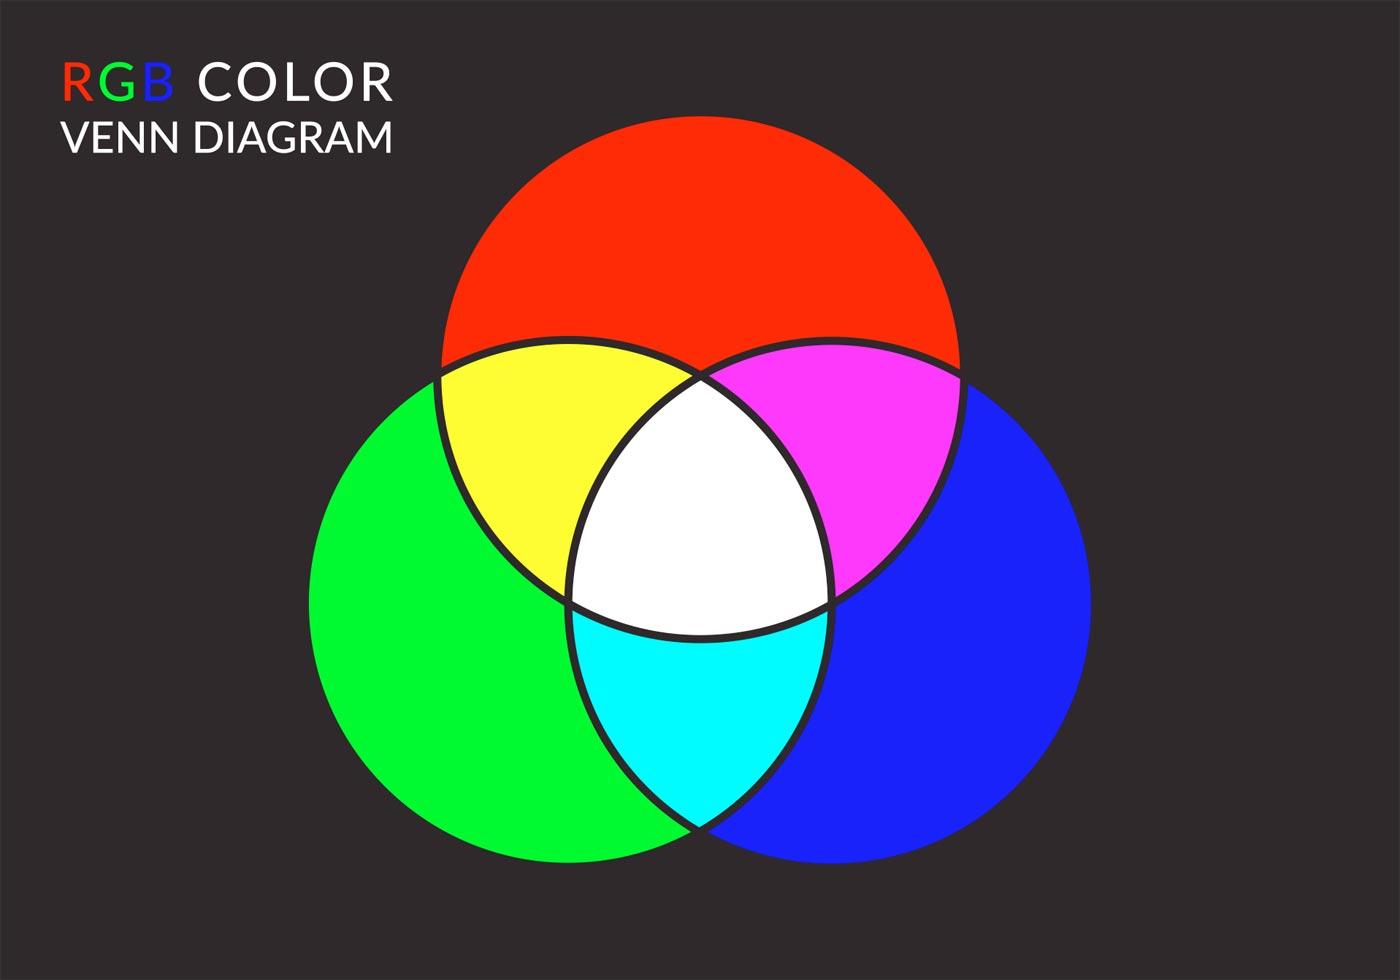 color diagram free vector rgb color venn diagram - download free vector ... 1996 jeep cherokee radio wiring color diagram